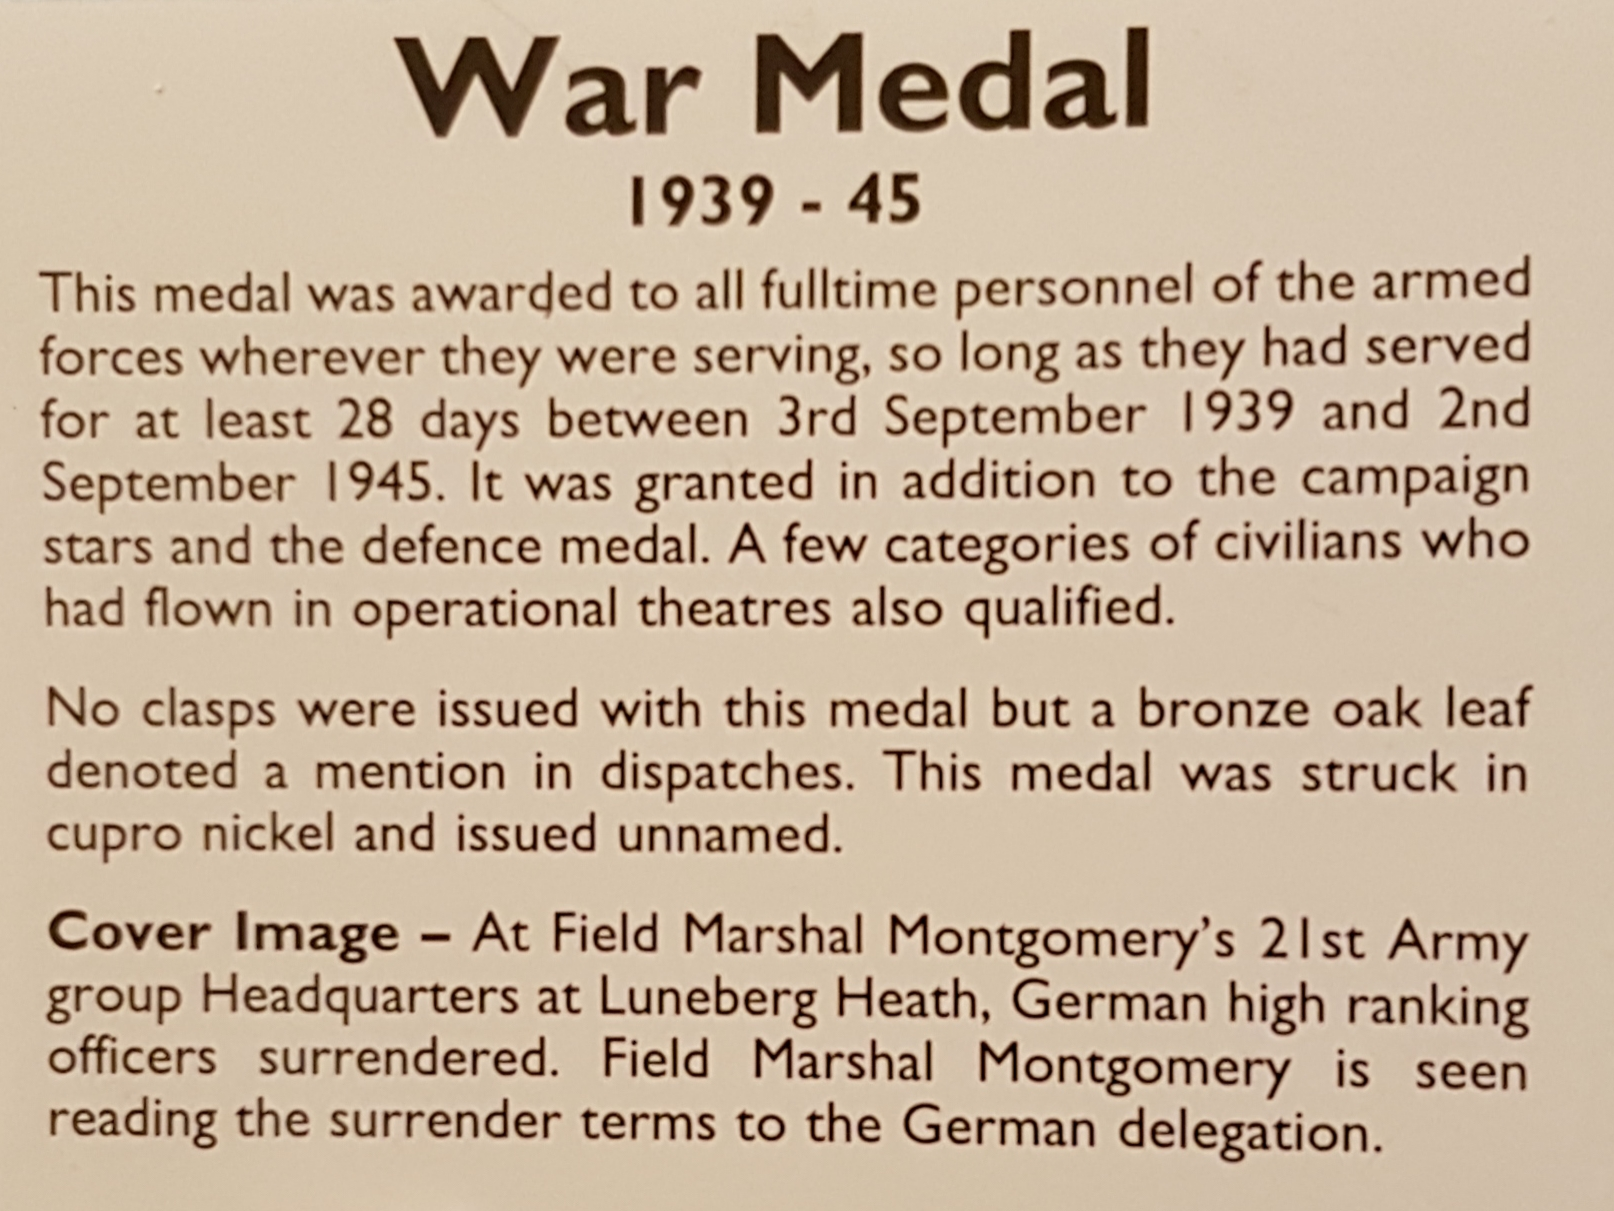 War Medal 1939 - 45 - miniature